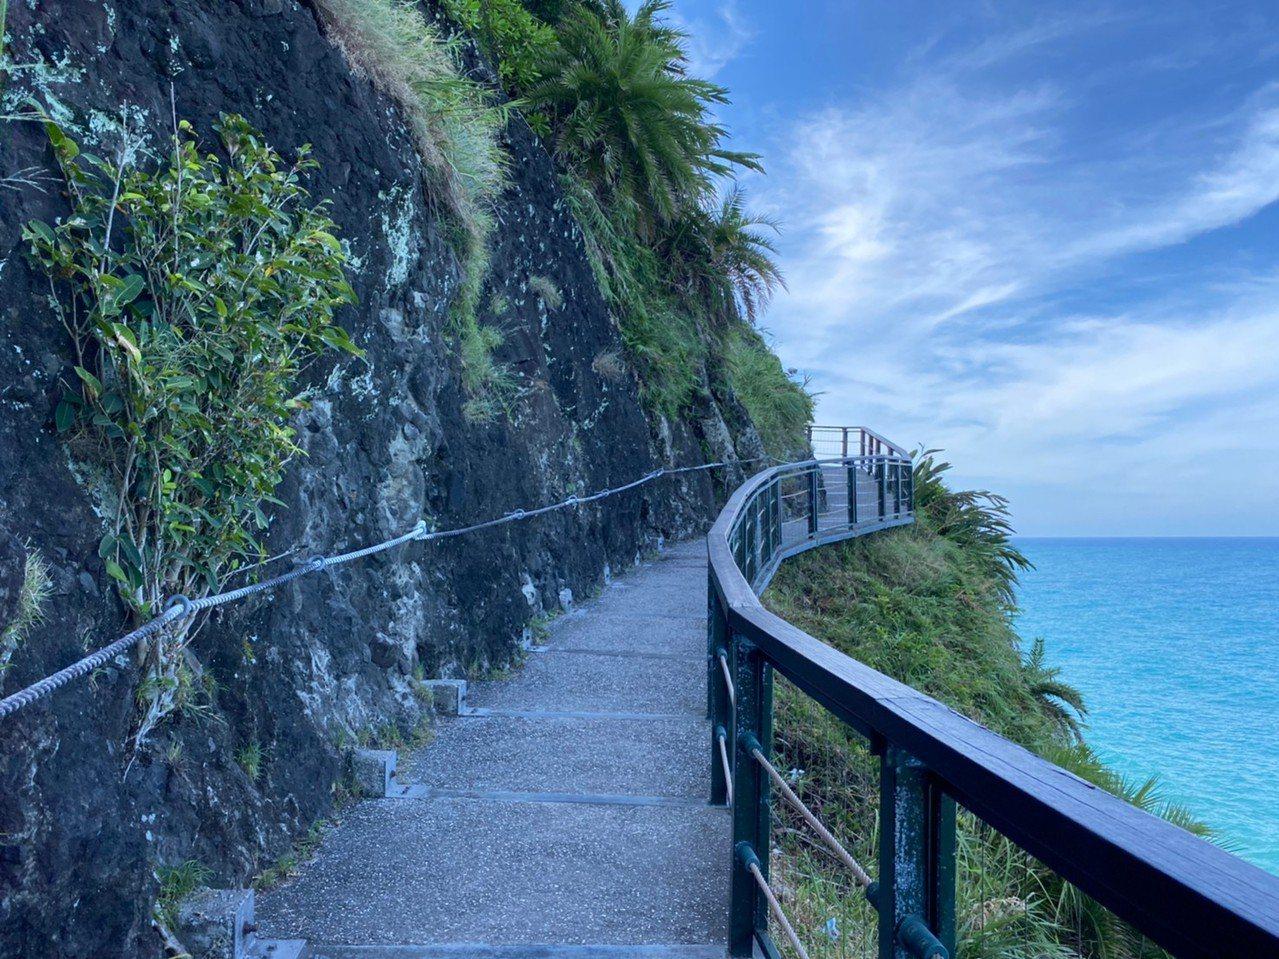 花蓮親不知子古道依靠懸崖而建,非常具有特色。 圖/王思慧 攝影